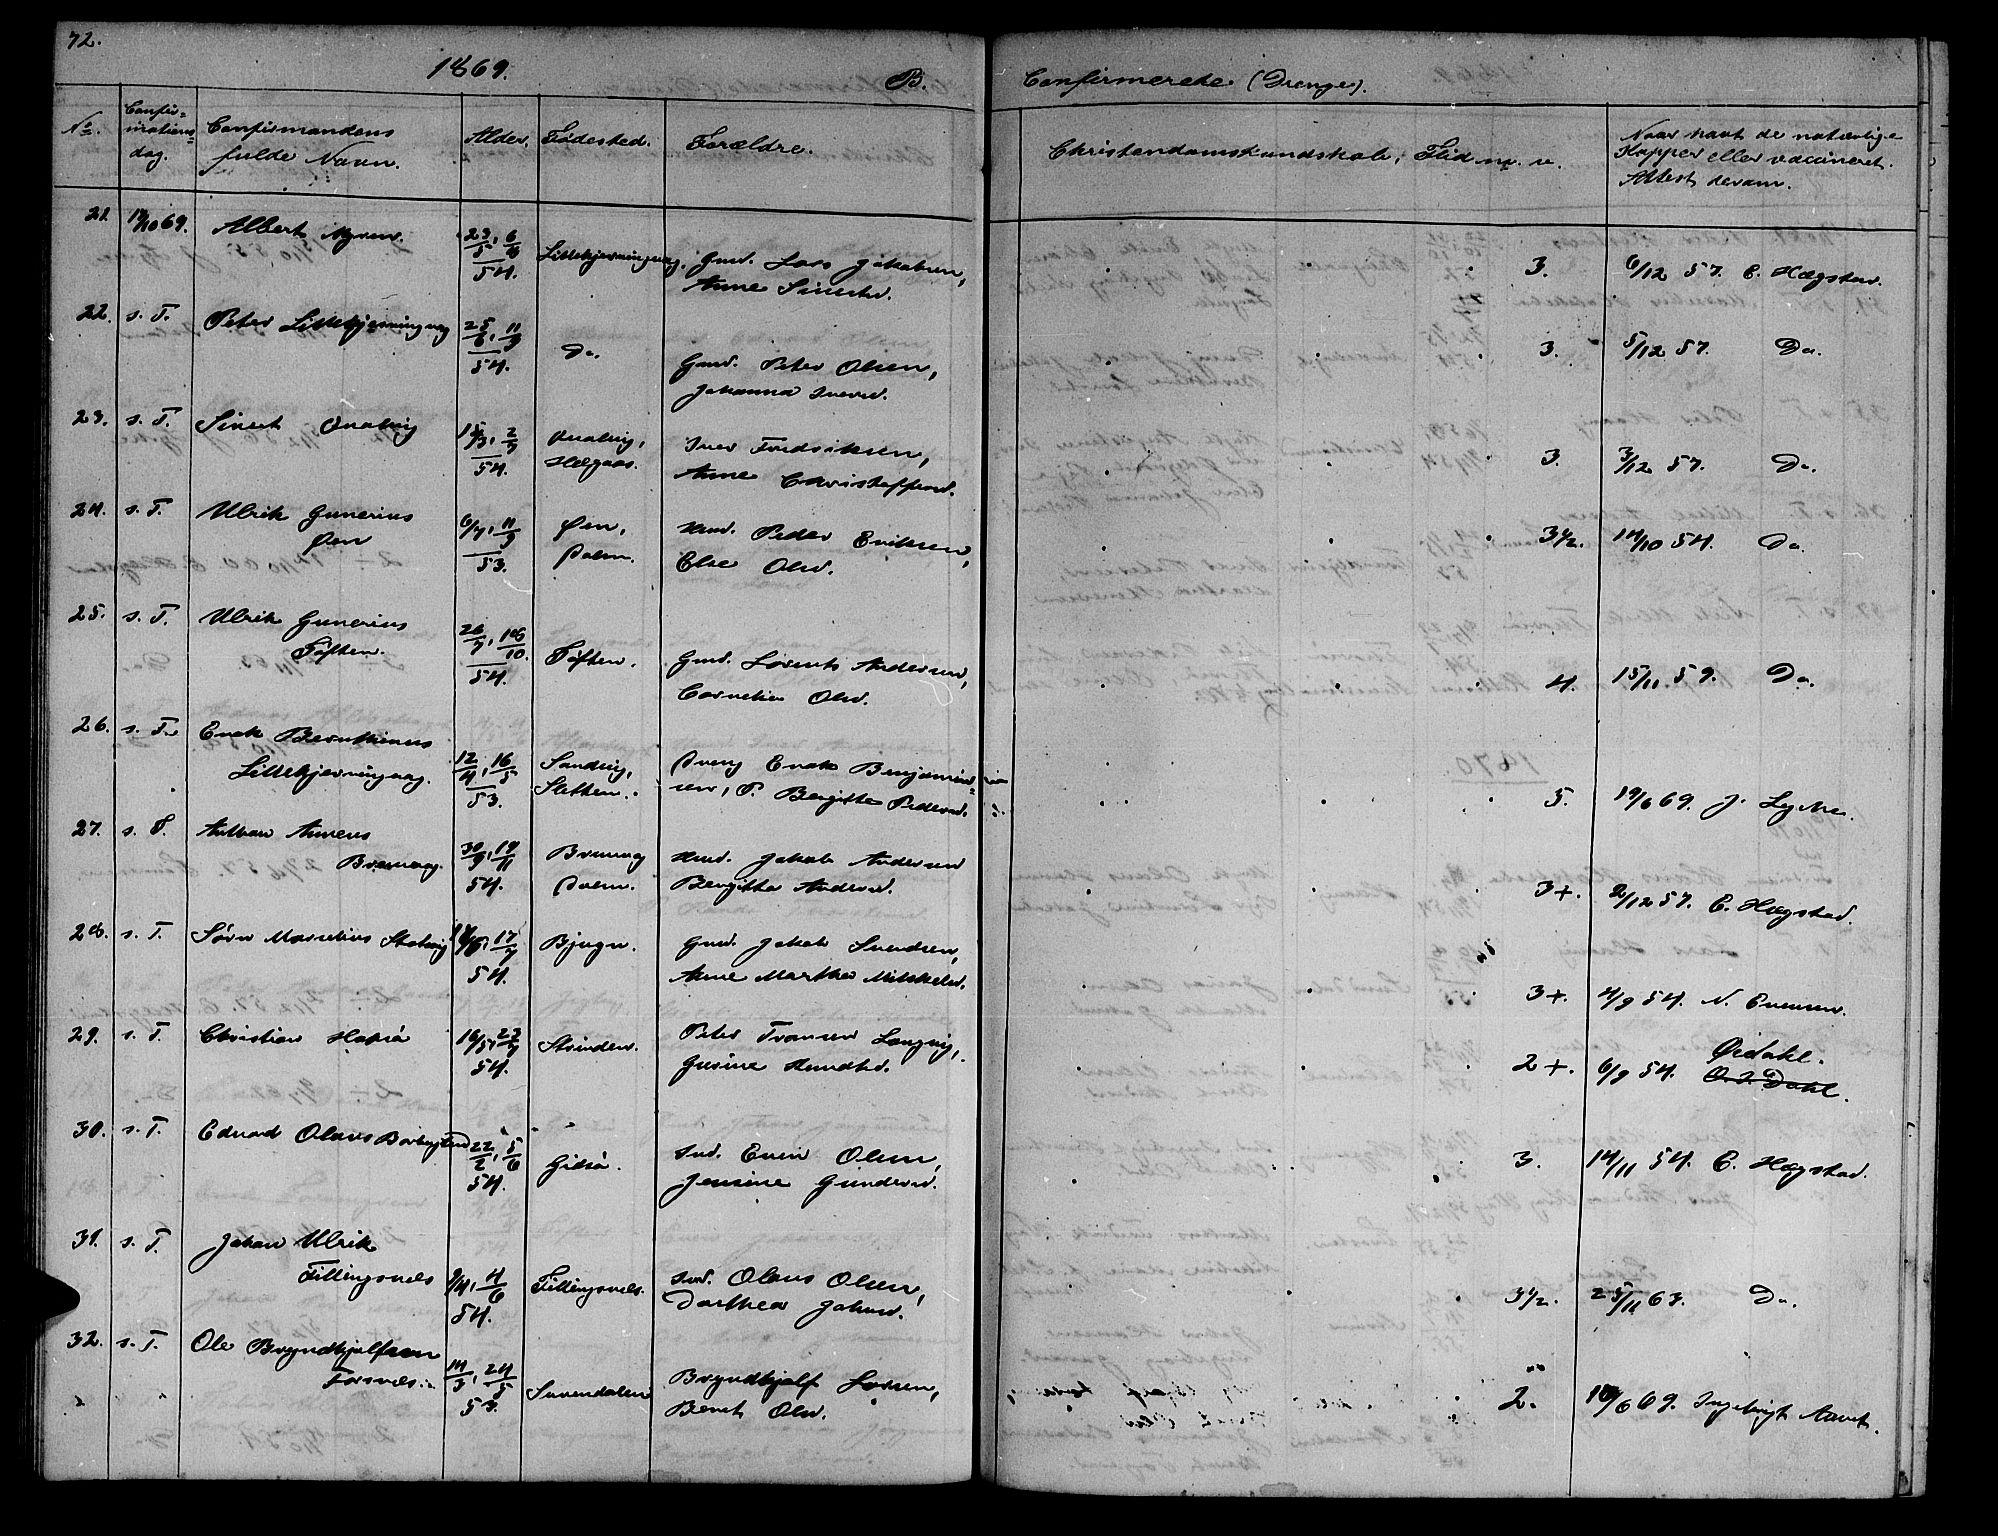 SAT, Ministerialprotokoller, klokkerbøker og fødselsregistre - Sør-Trøndelag, 634/L0539: Klokkerbok nr. 634C01, 1866-1873, s. 72